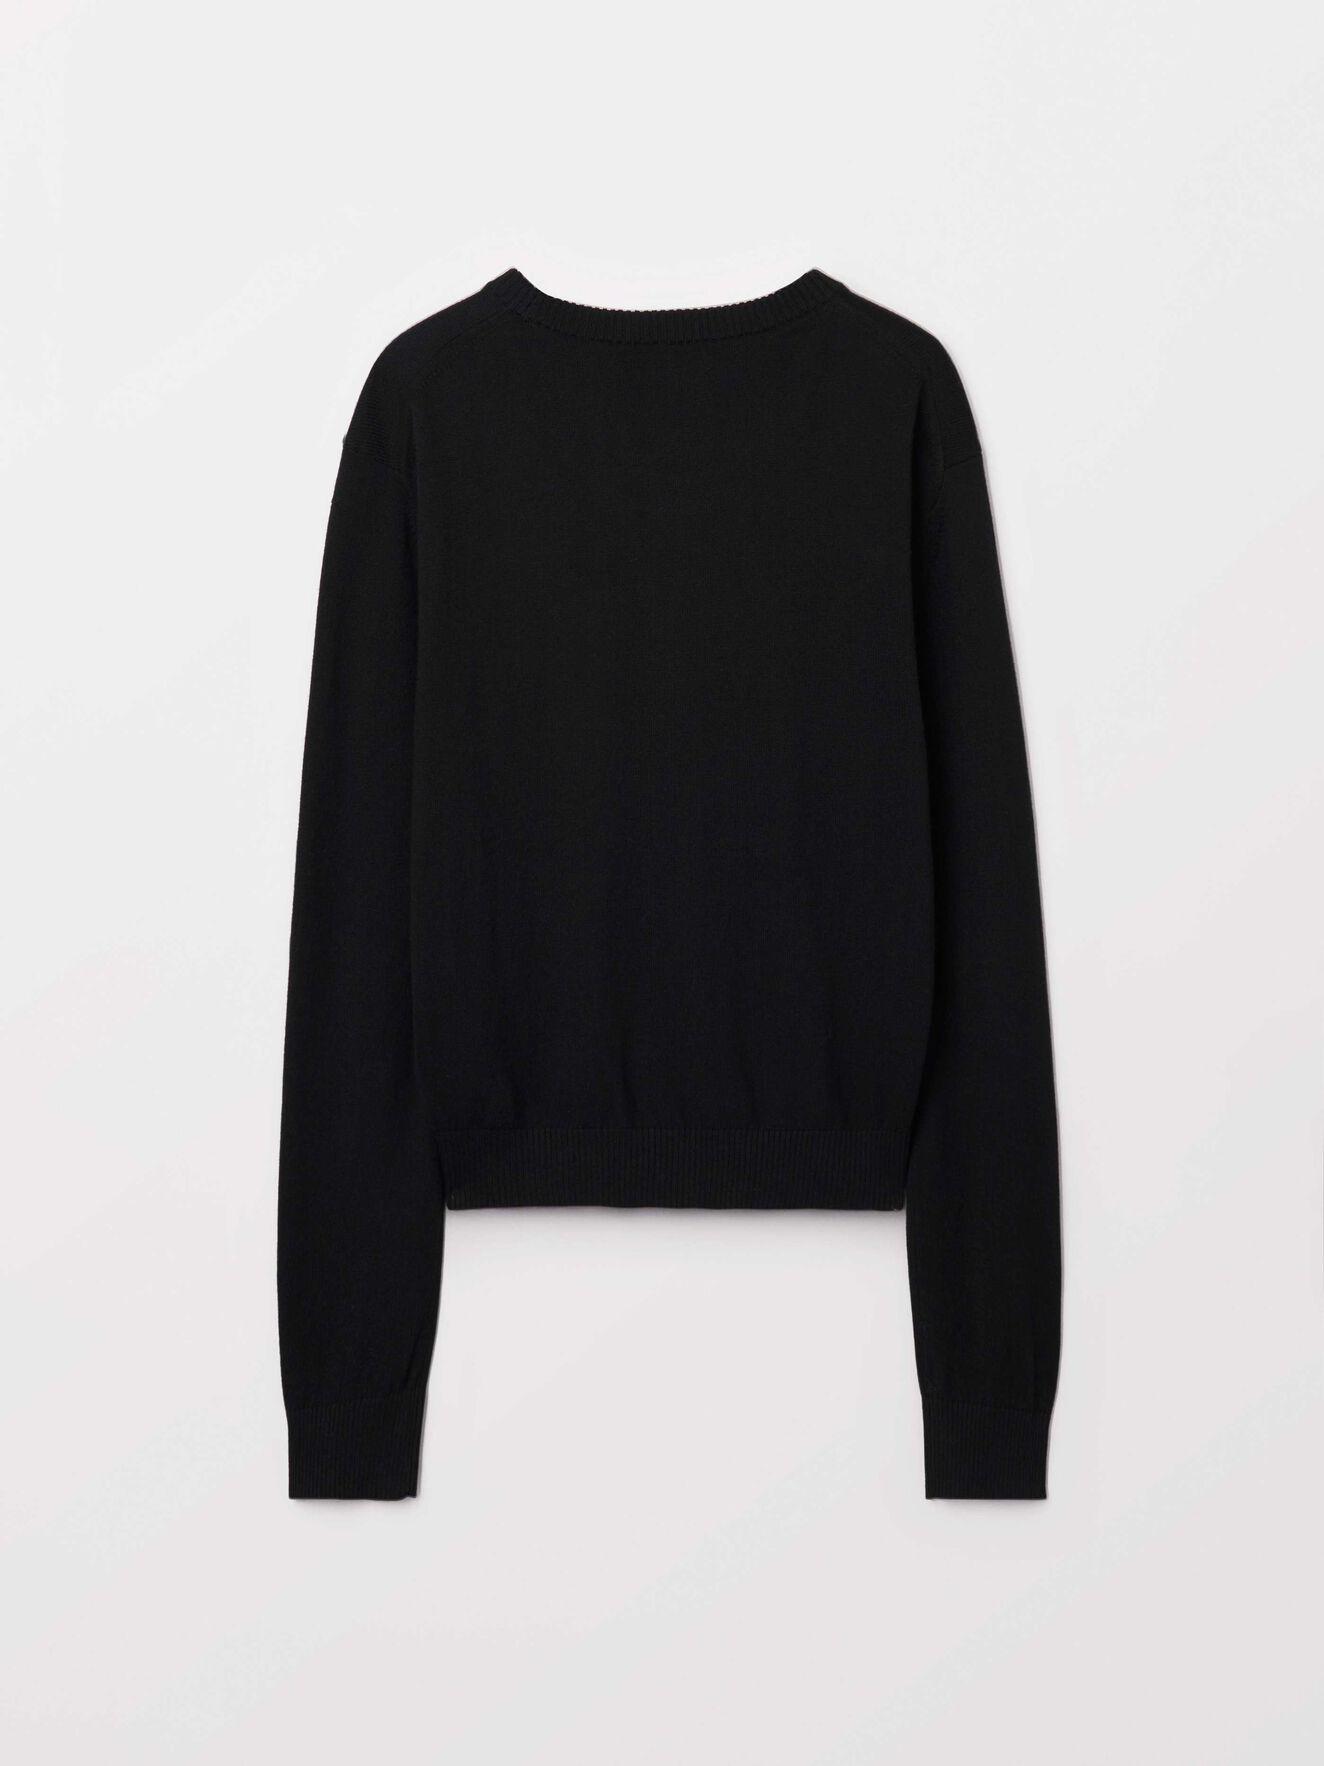 100% authentic f1f65 4907a Honest Pullover - Damen Online kaufen